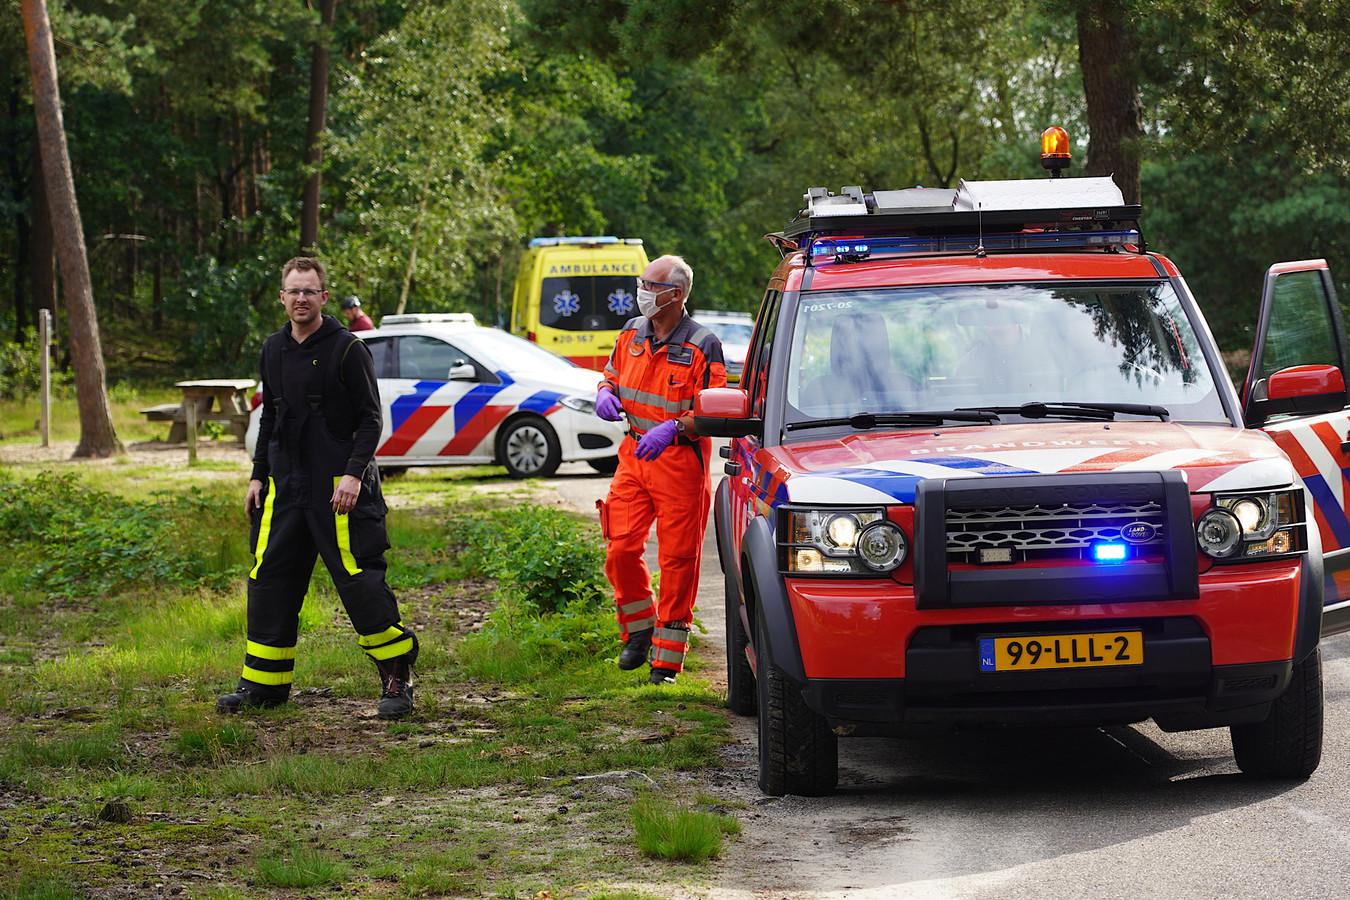 Hulpverleners aan het werk in Dorst.